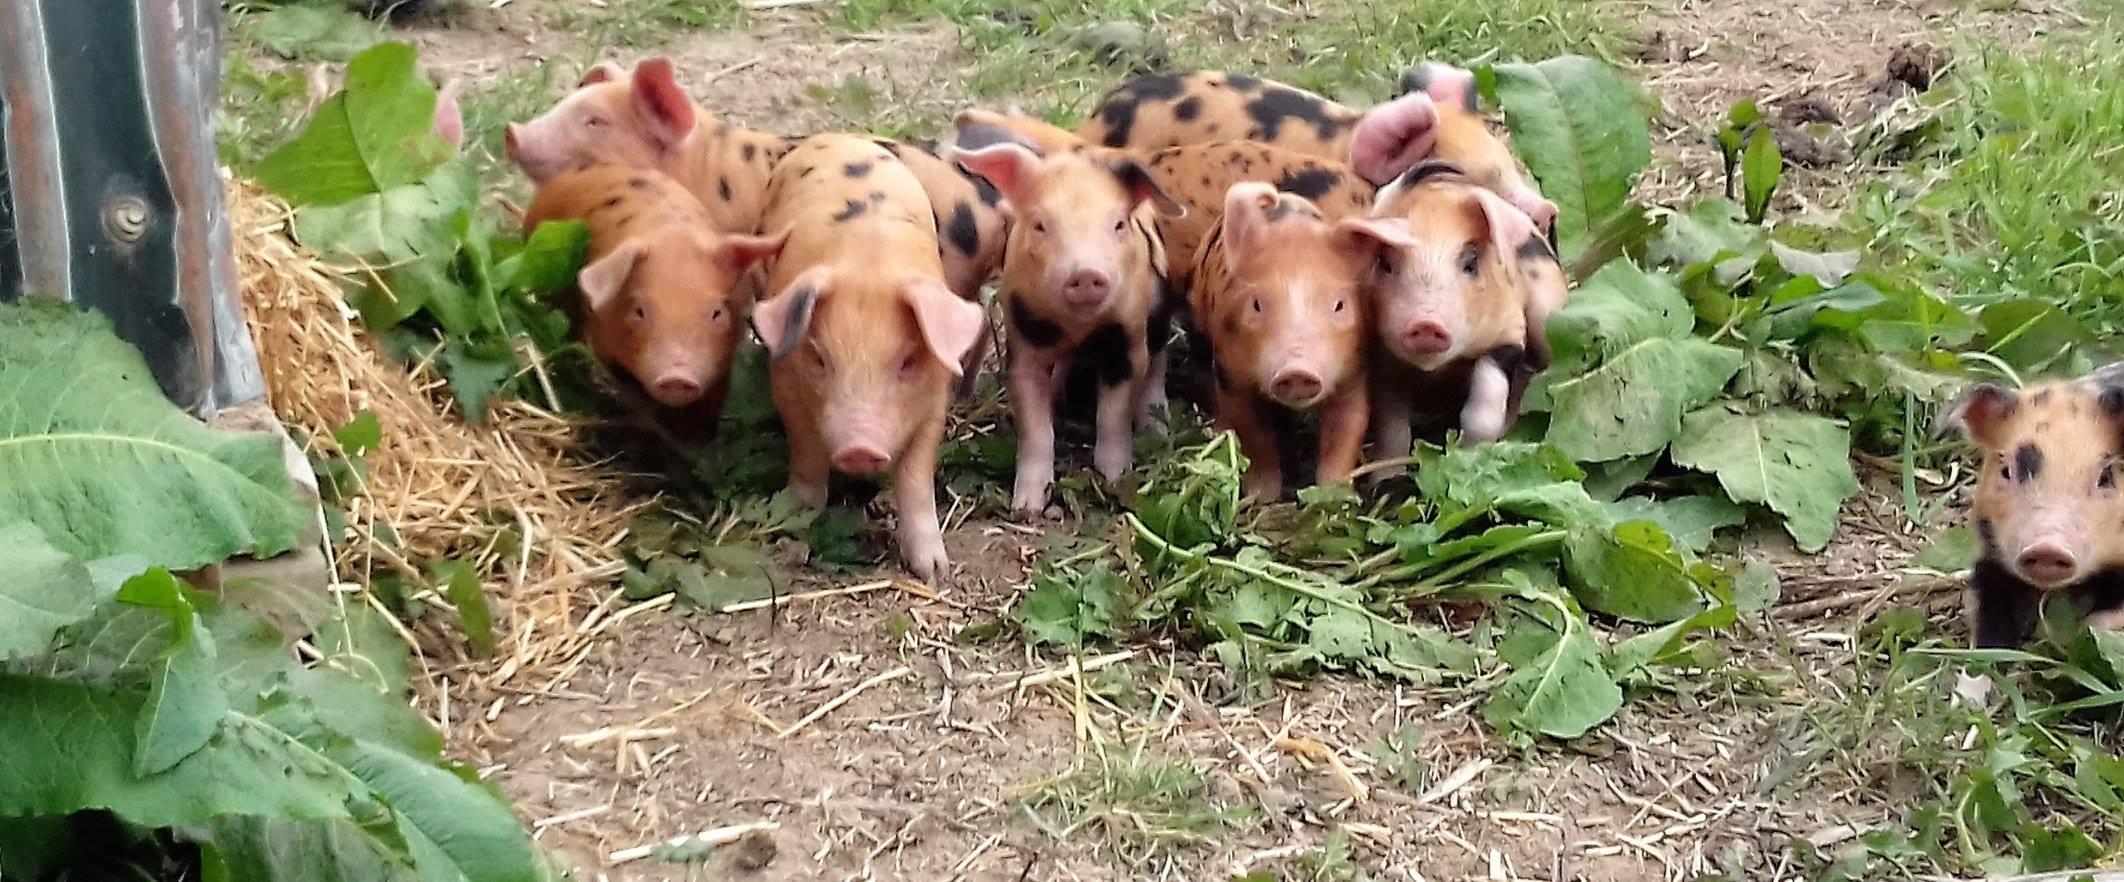 Tablehurst Pigs.jpg